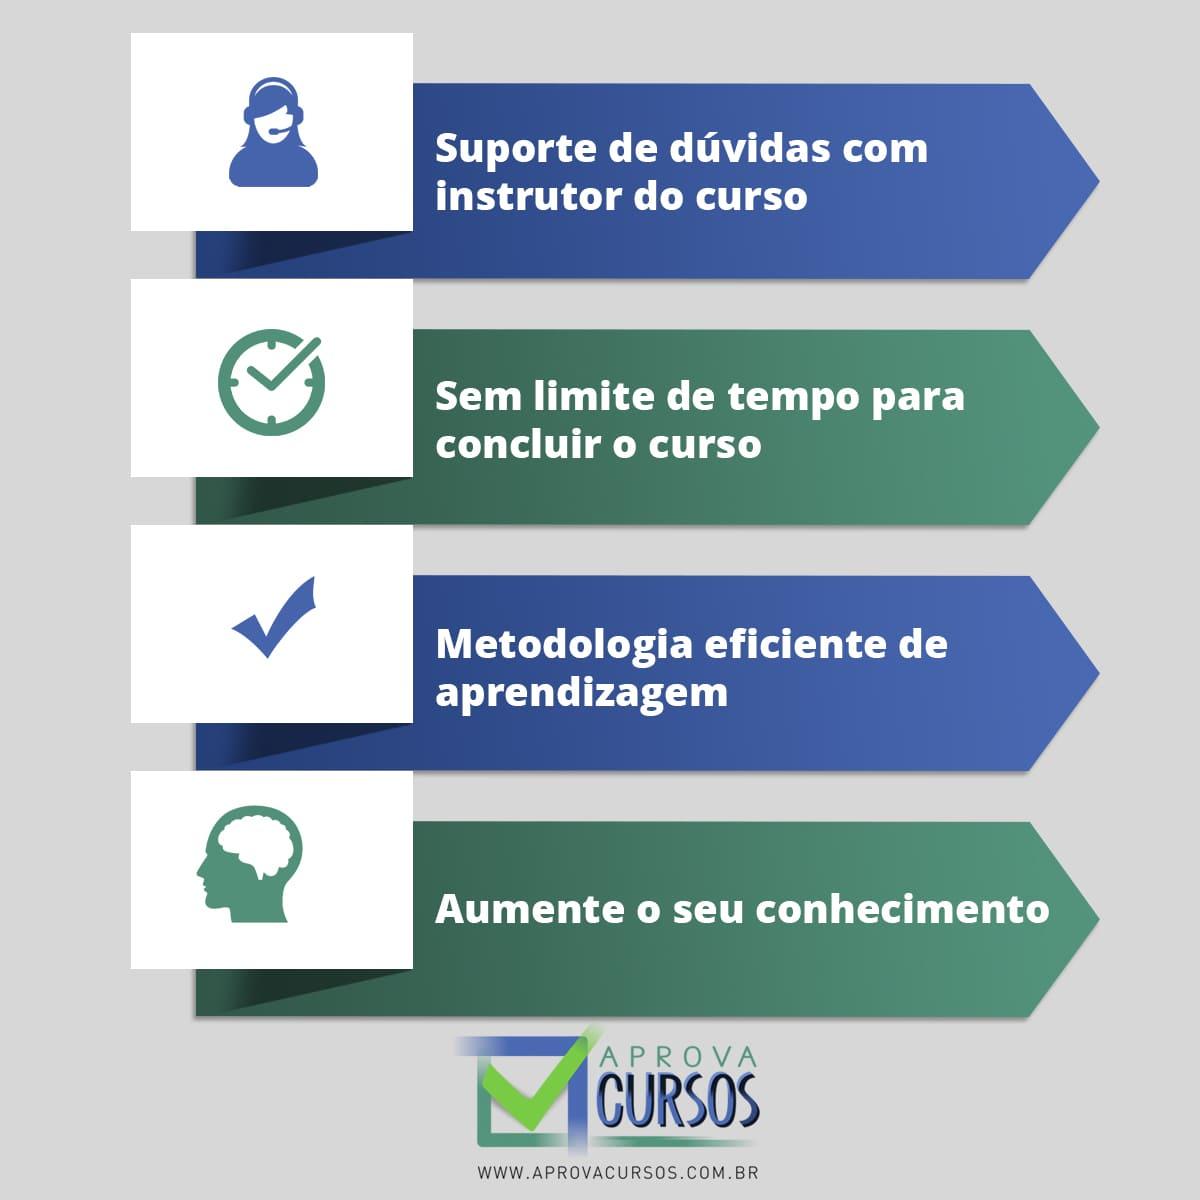 Curso Online de Mediação e Resolução de Conflitos com Certificado  - Aprova Cursos